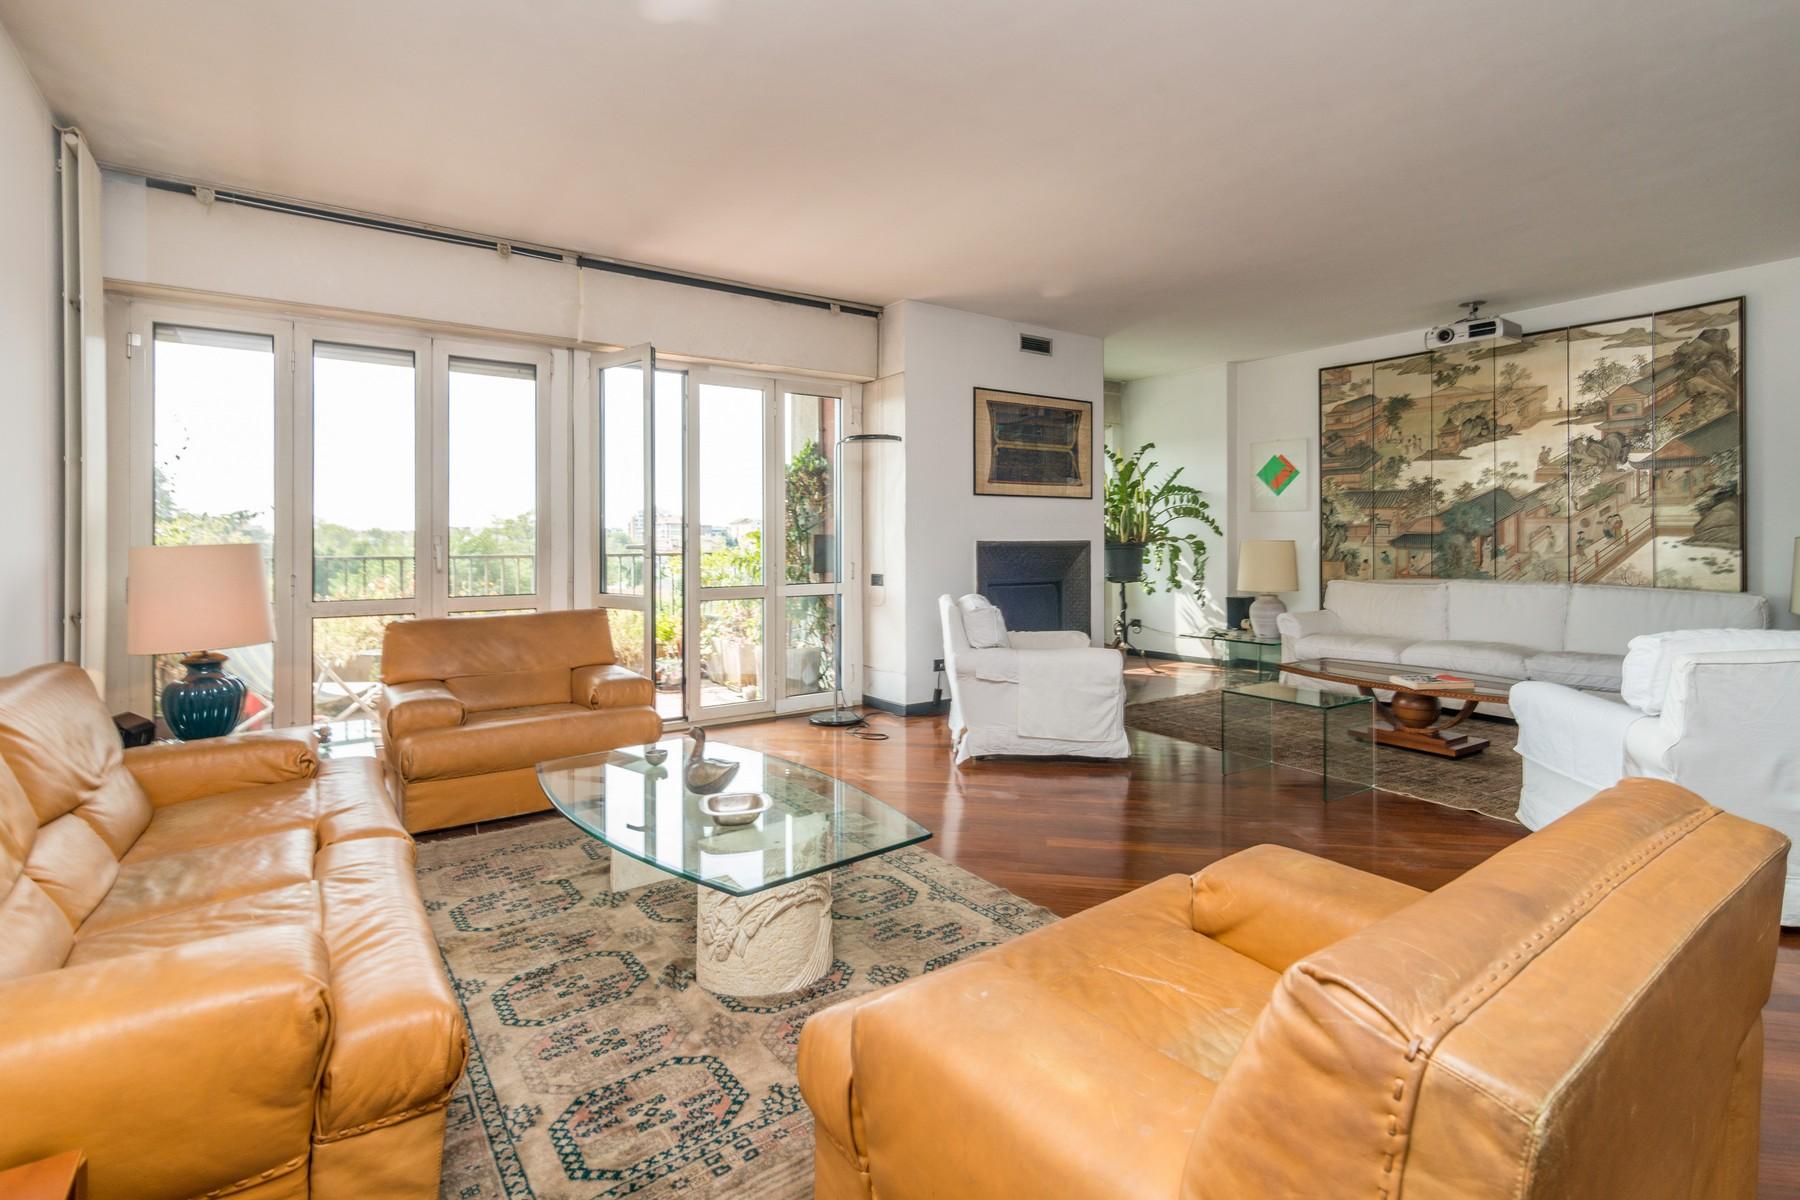 Appartamento di lusso in vendita a milano via angelo carlo for Interni appartamenti di lusso